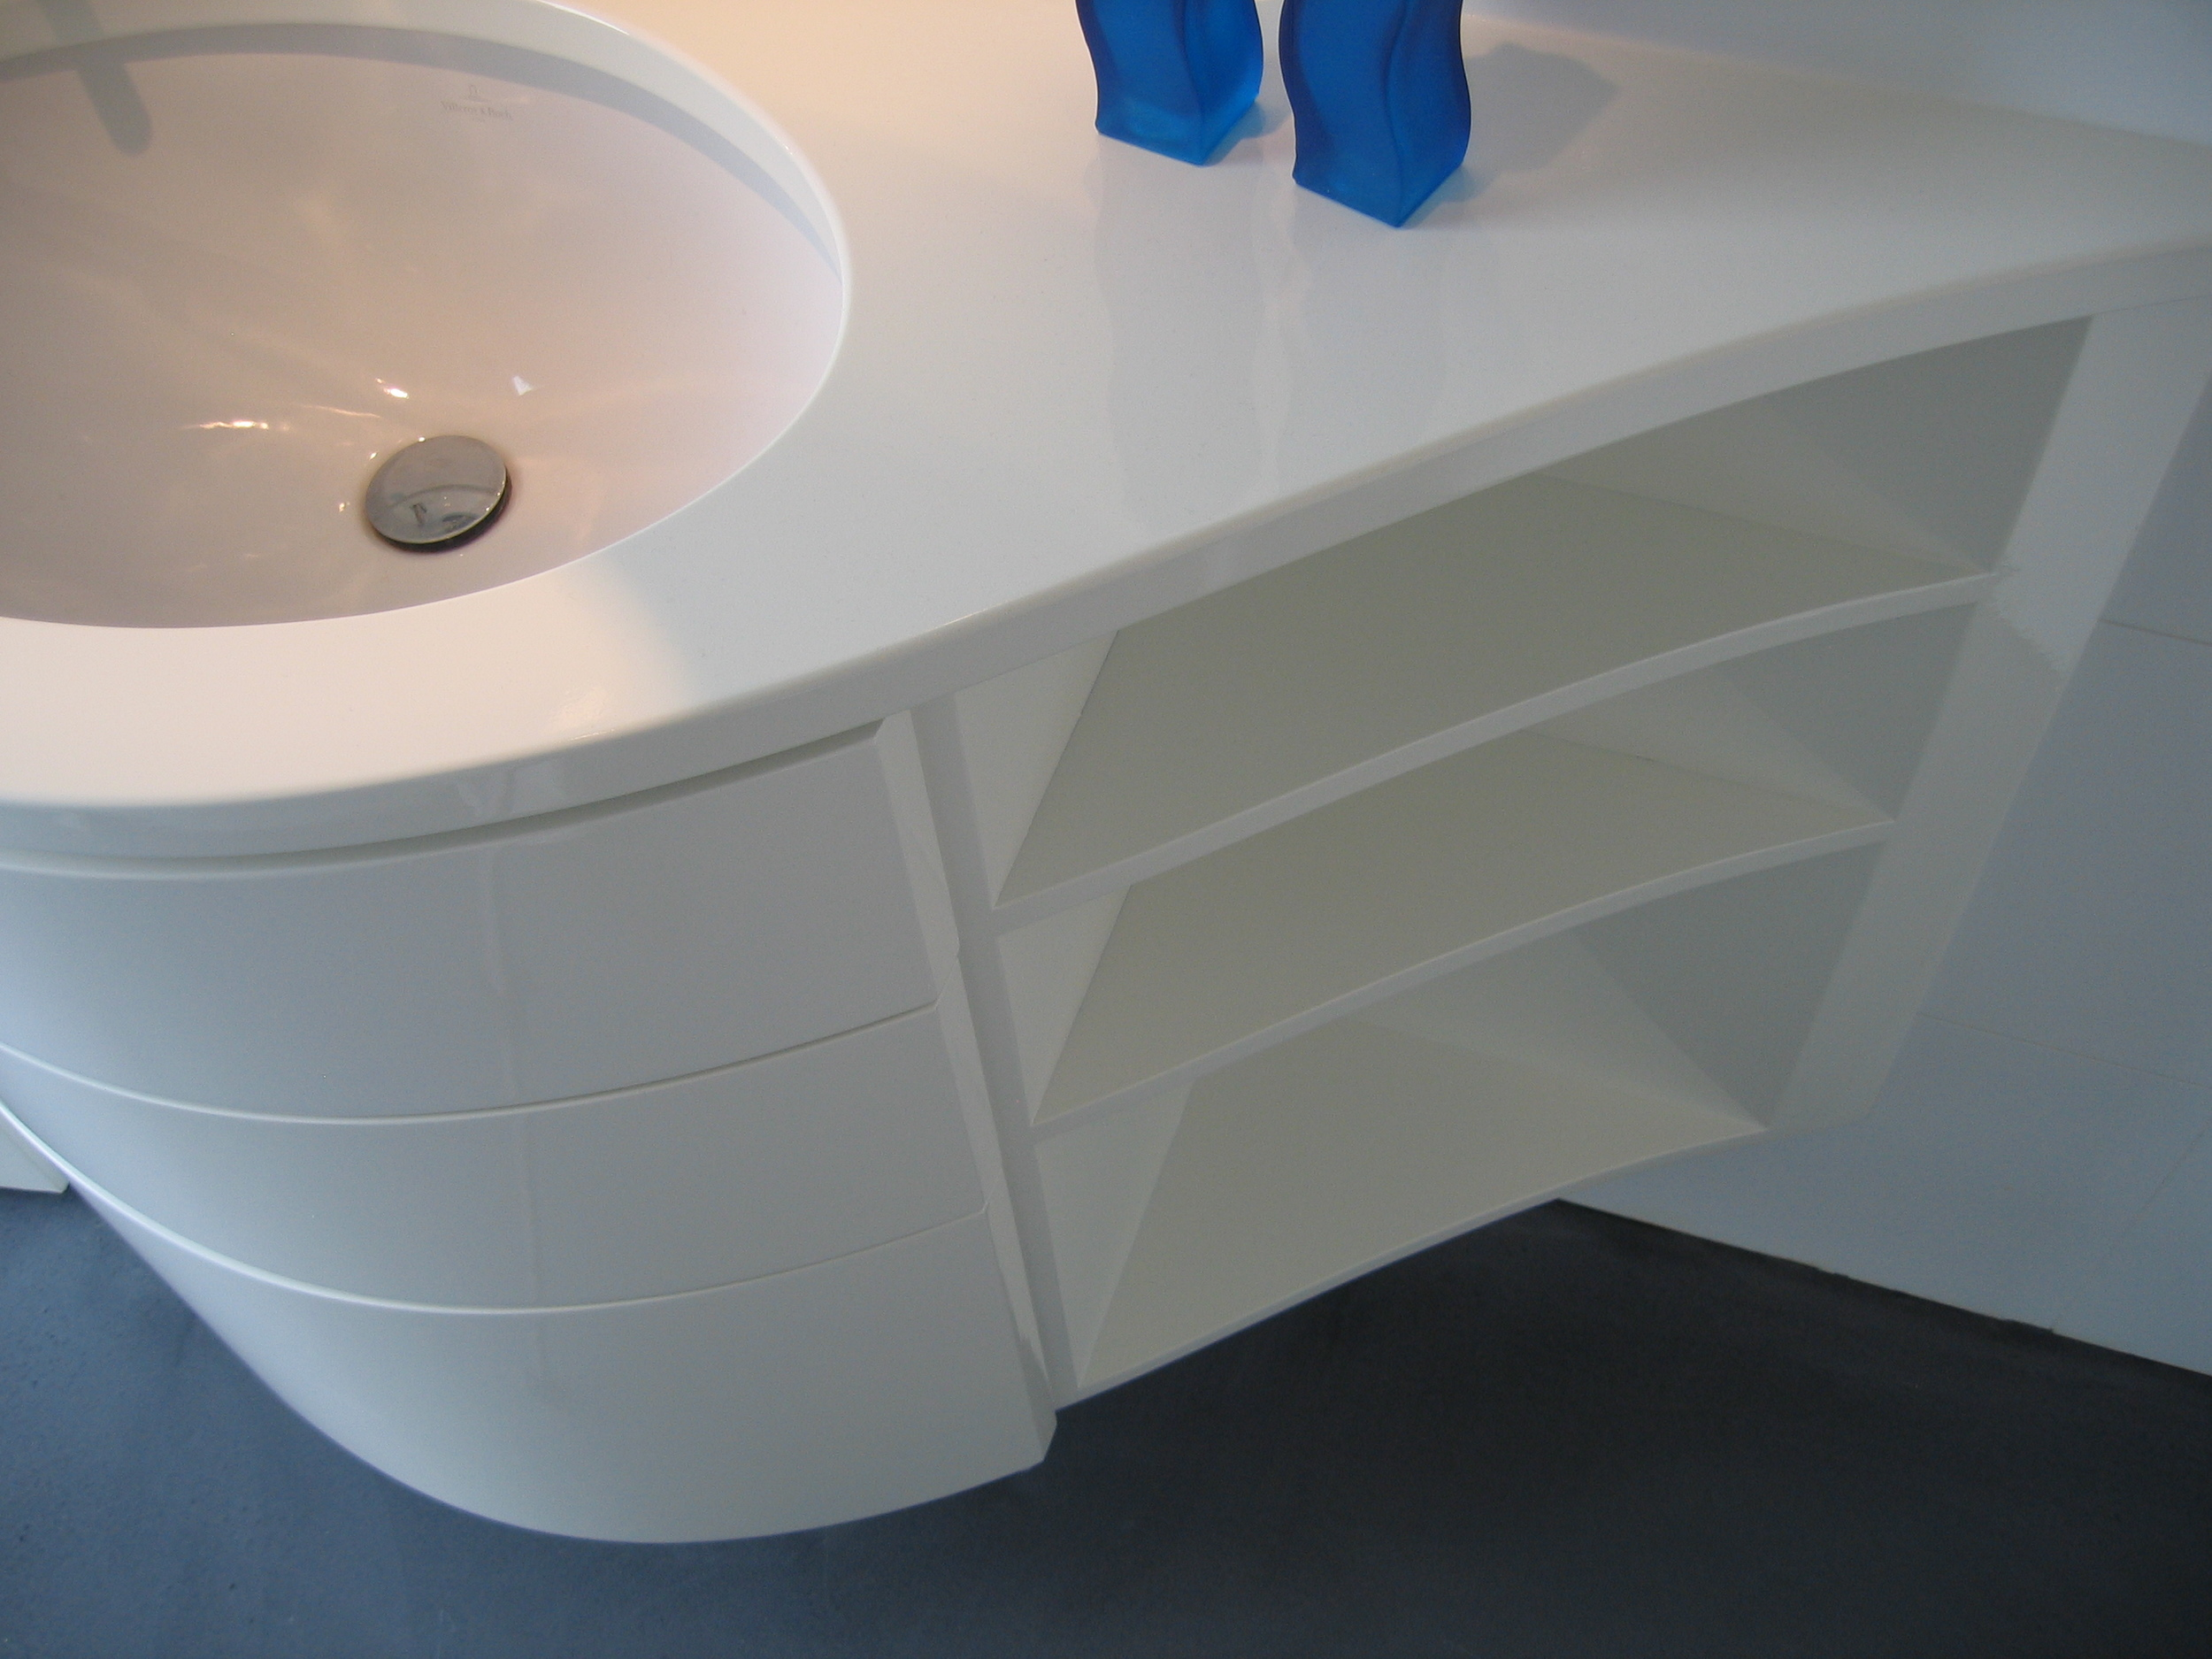 ovale keramische onderbouwwaskom, ladefronten en planchetjes in glooiende lijn